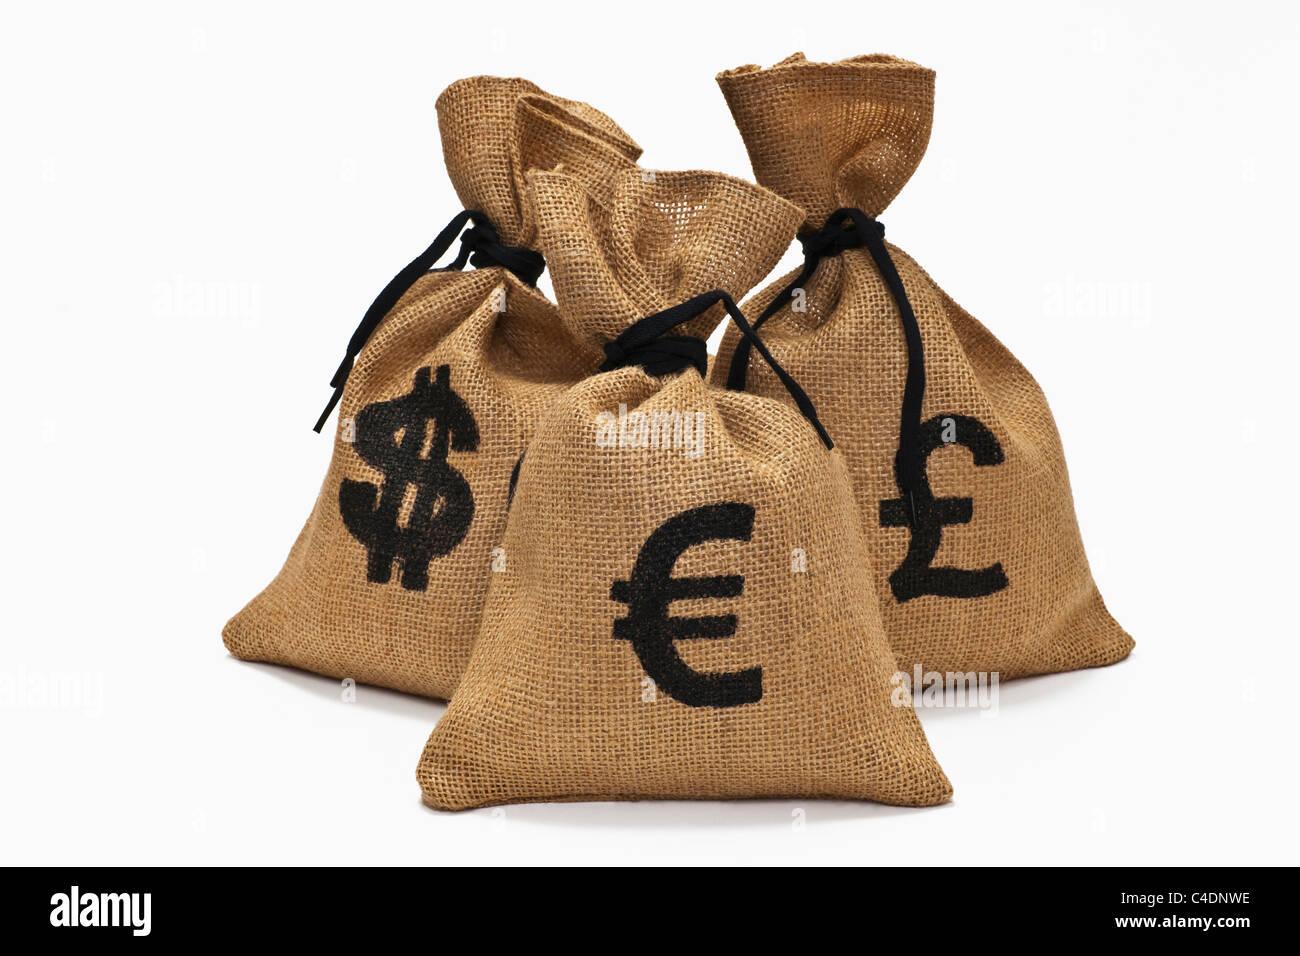 verschiedene Währungen | different currencies - Stock Image